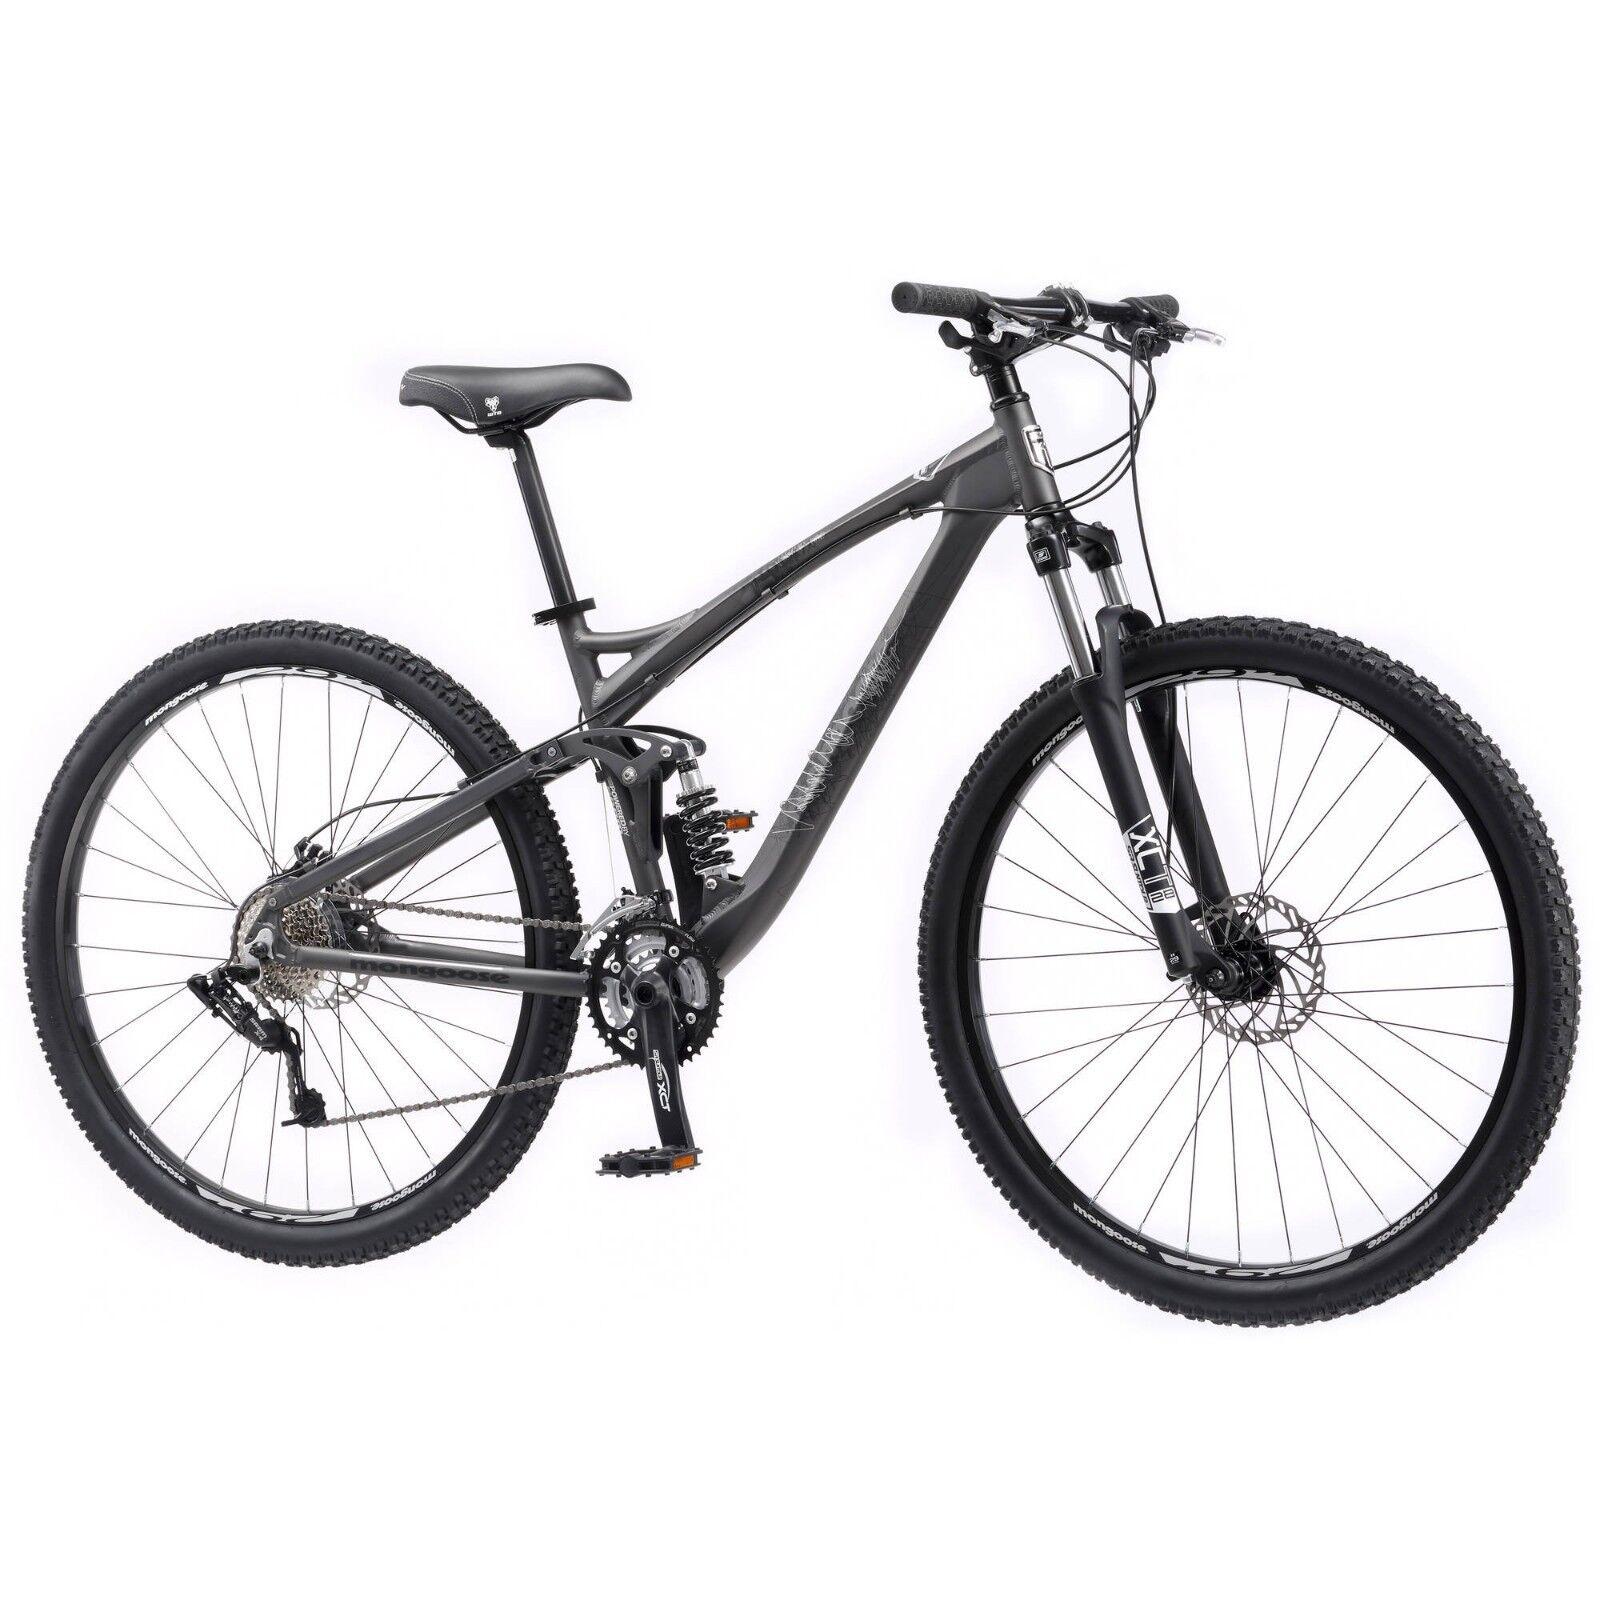 Mountain Bike For Men 29 Inch Pro Disc Brake Aluminum Frame 24 Speed Lightweight